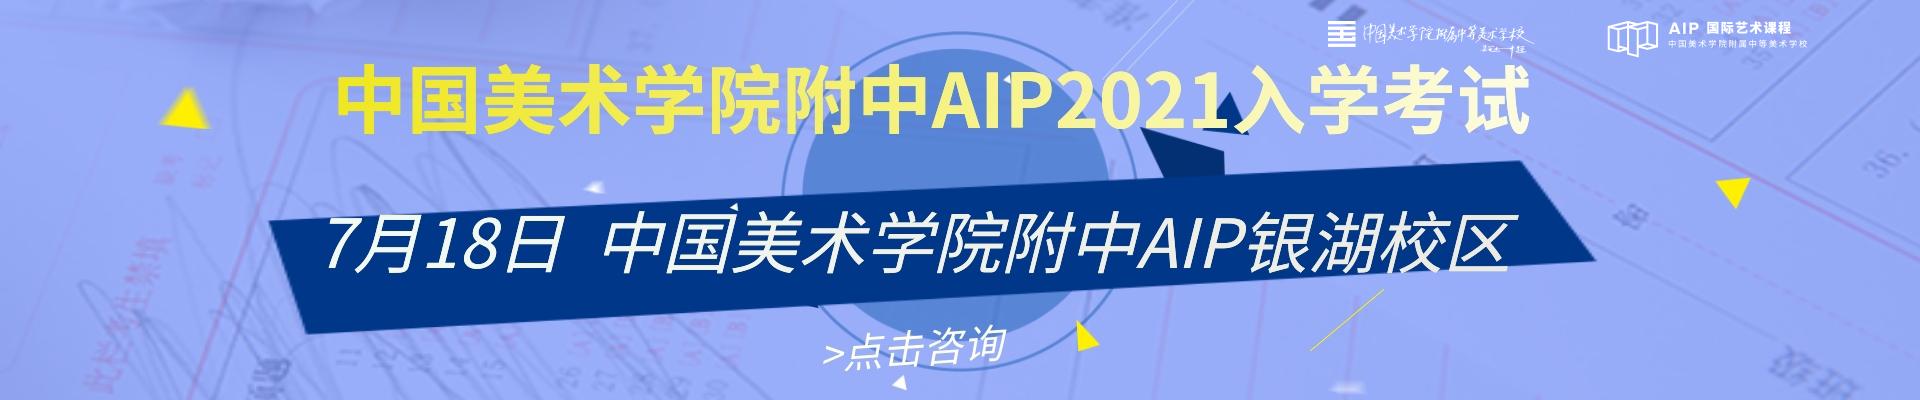 中国美术学附中AIP入学考试通知